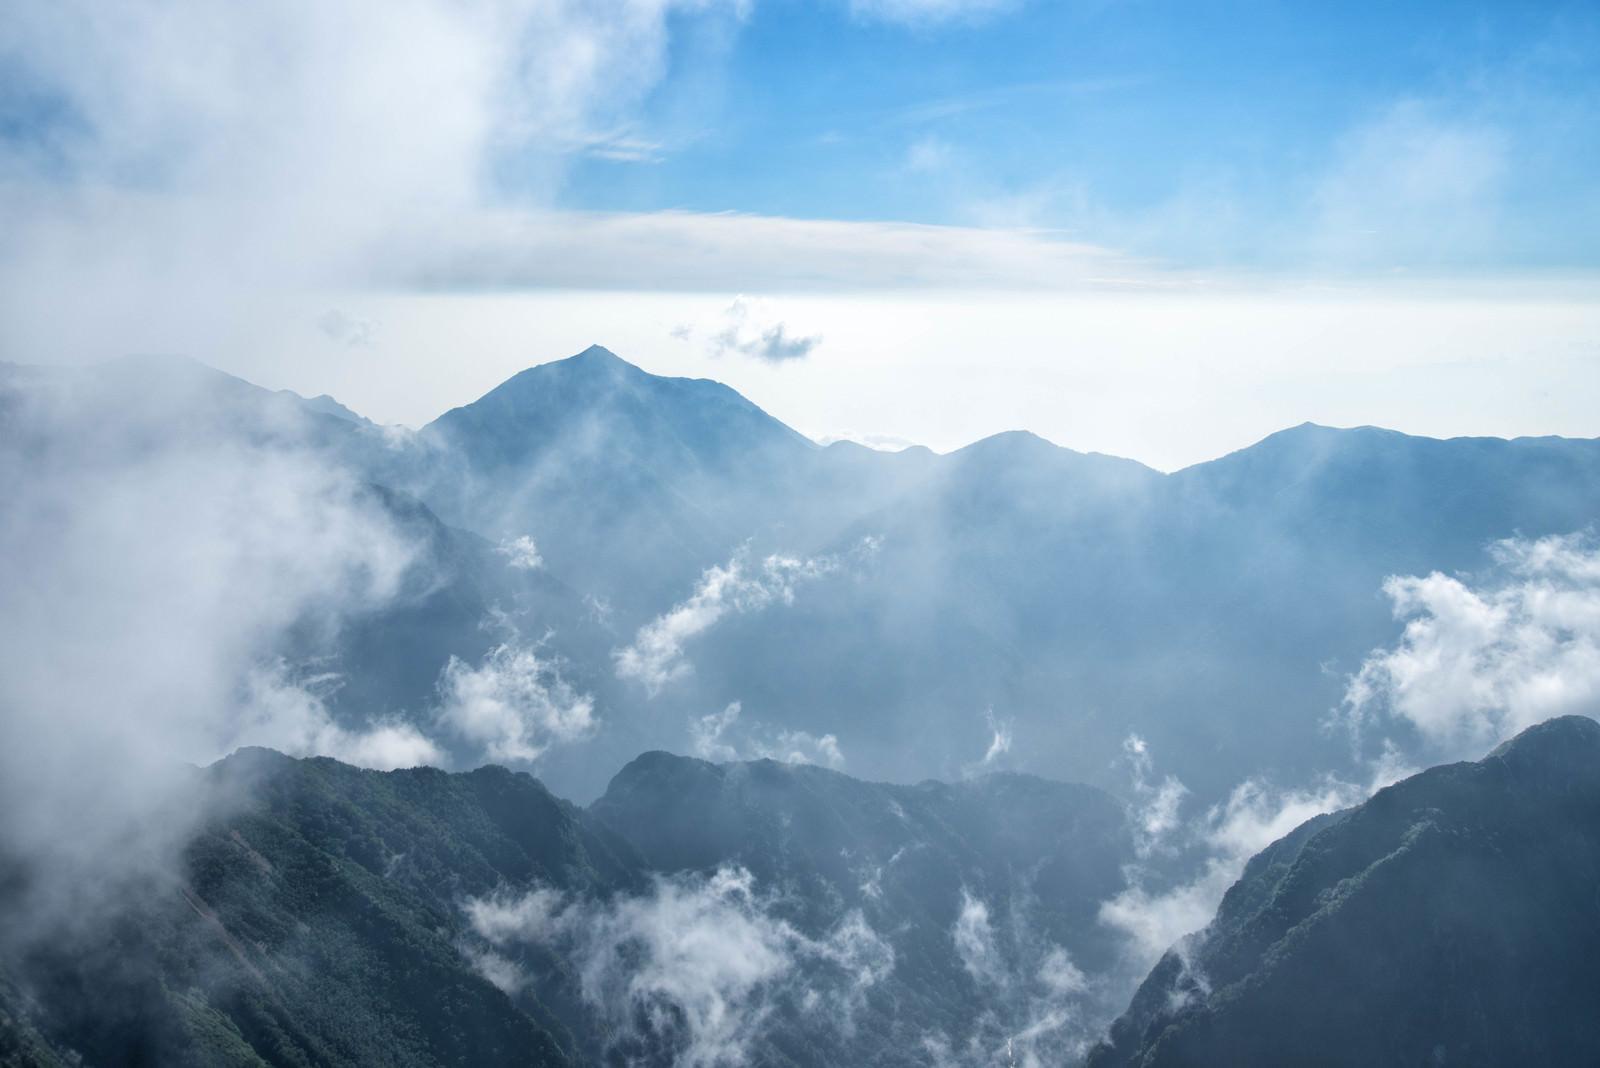 「雲海の中に浮かぶ常念山脈」の写真